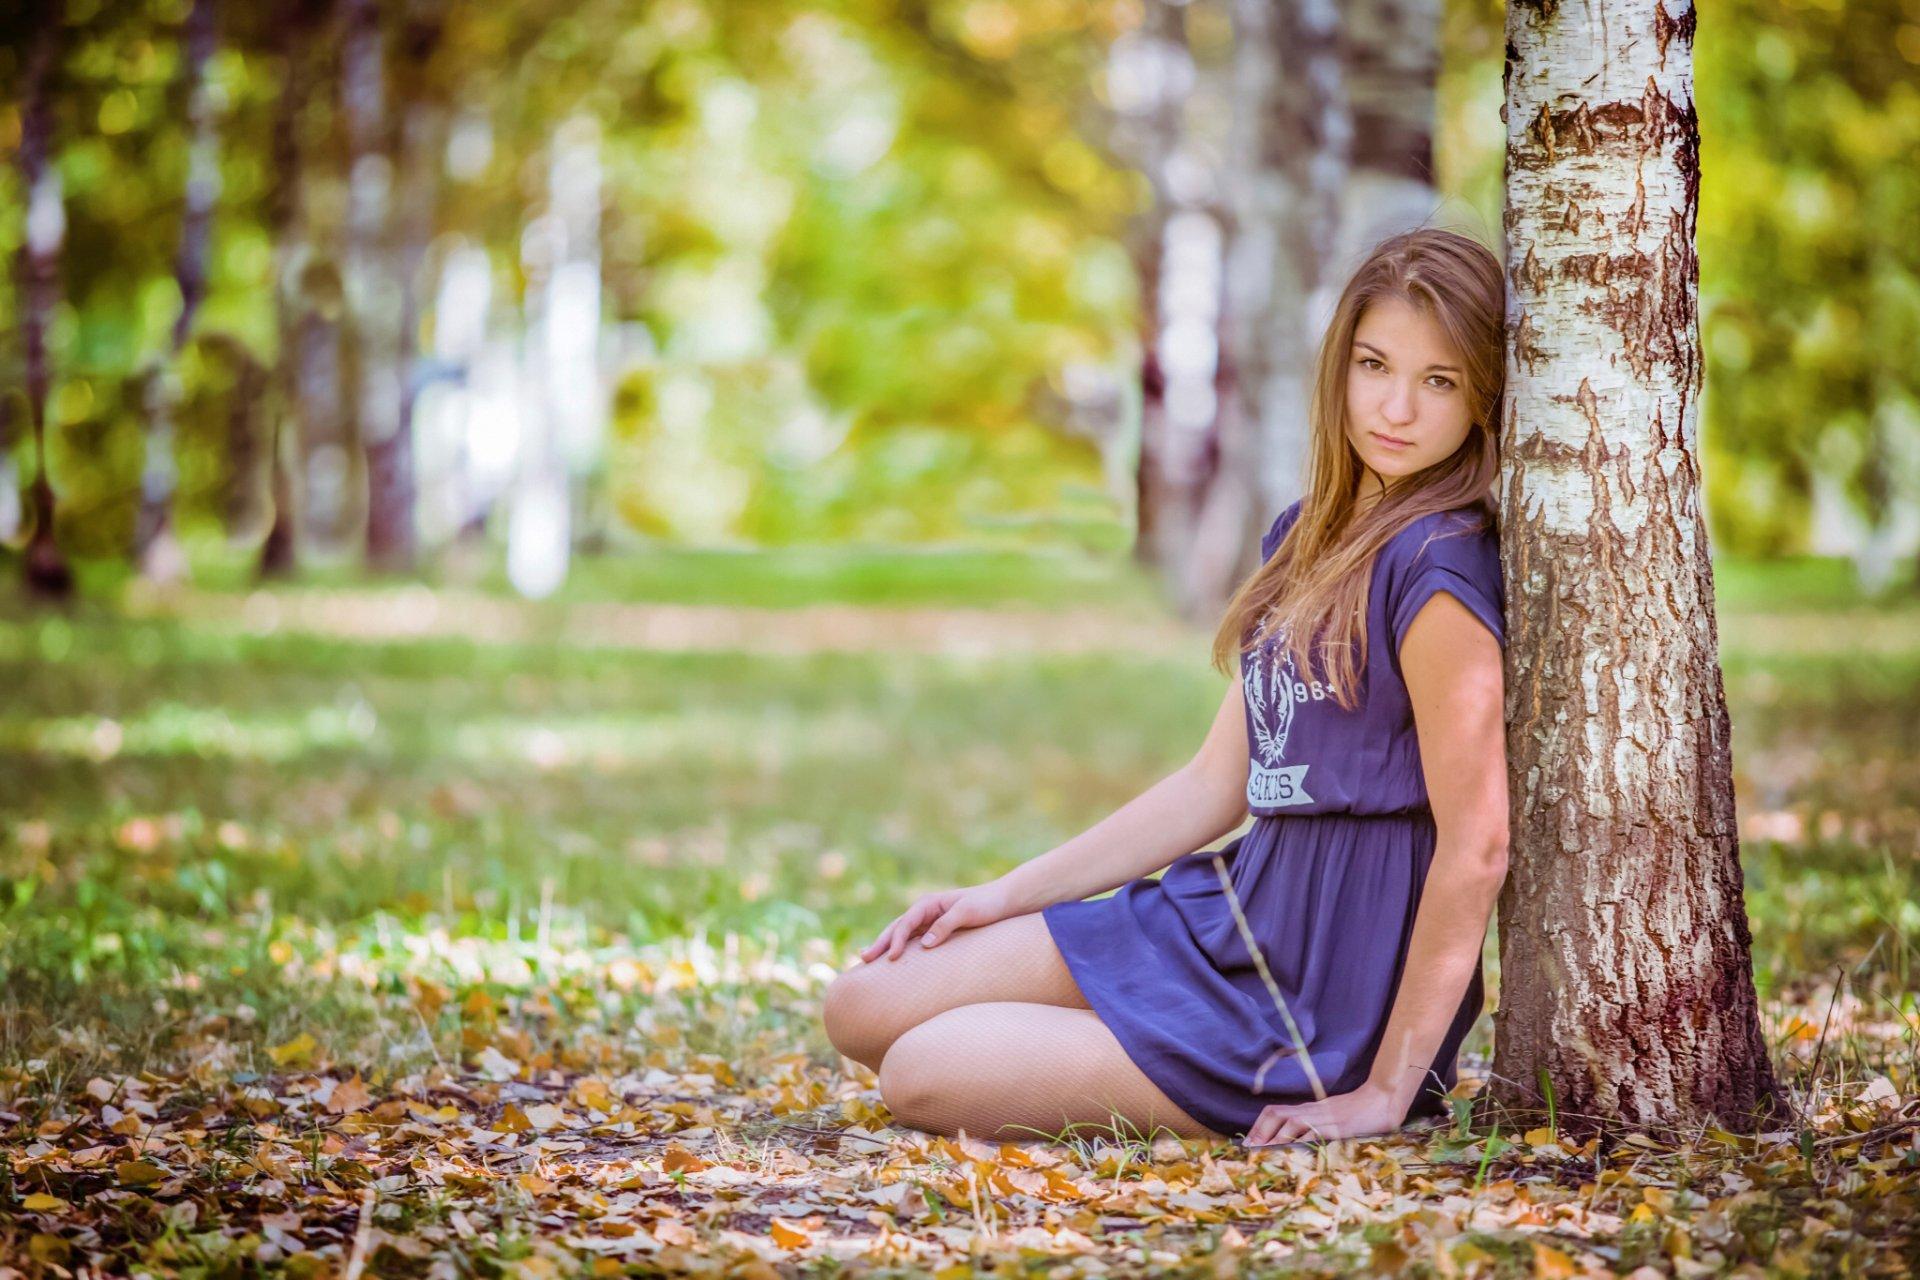 Позы для фотосессии около дерева